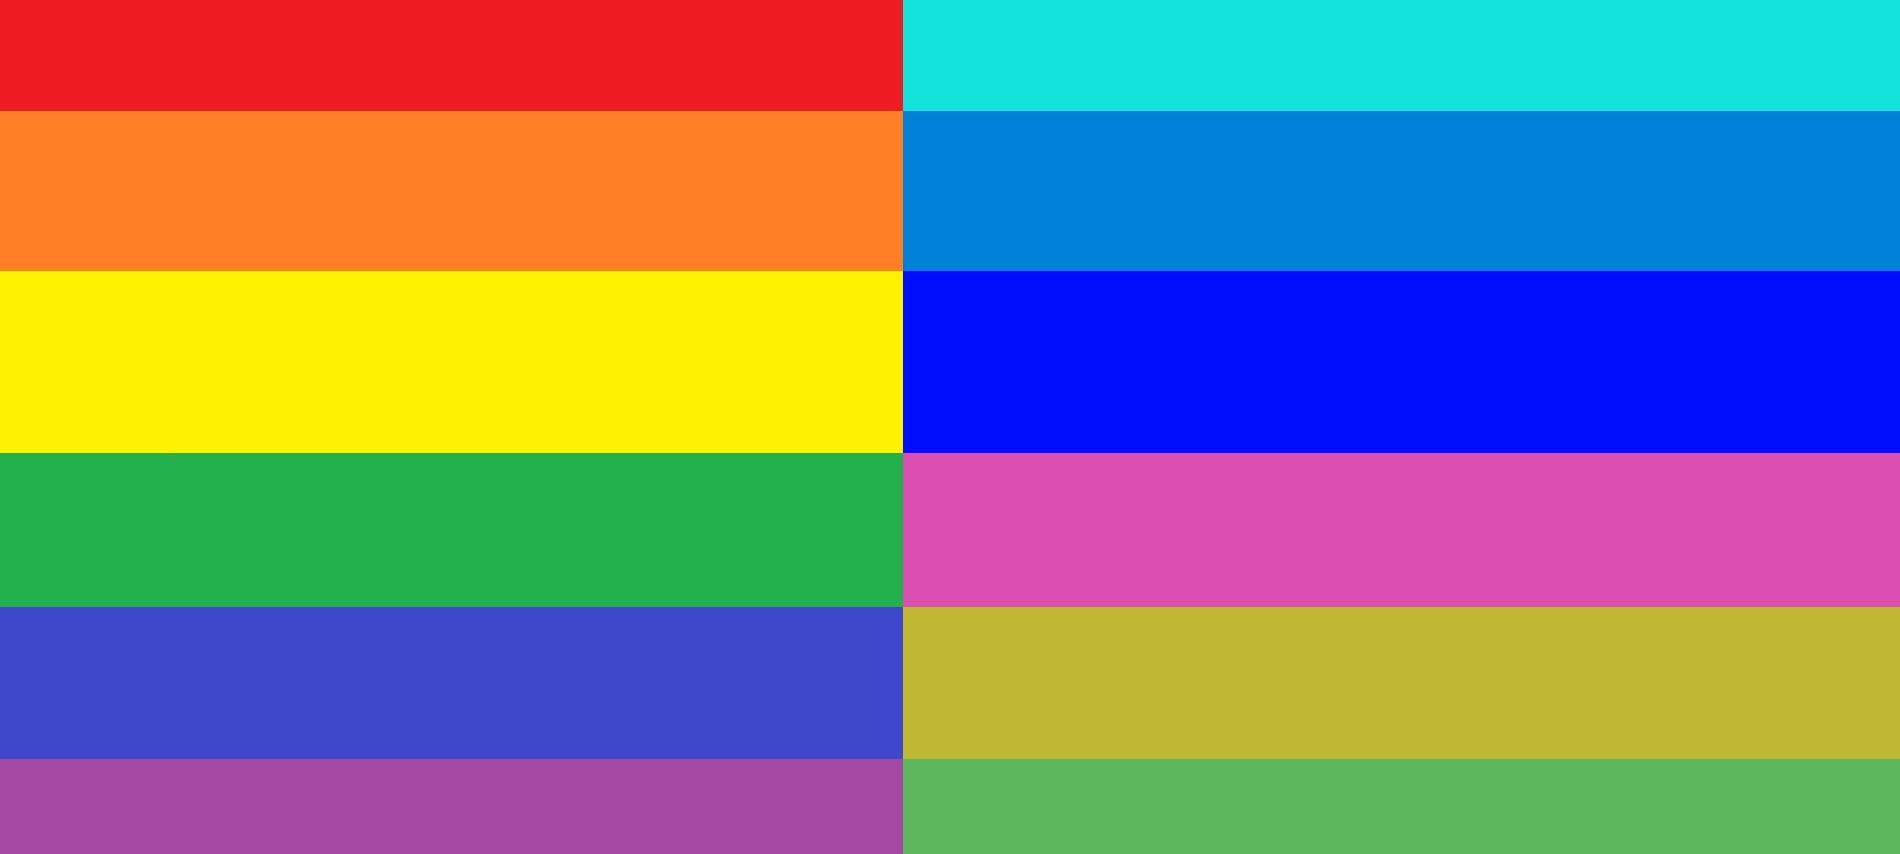 Des couleurs et des images négatives